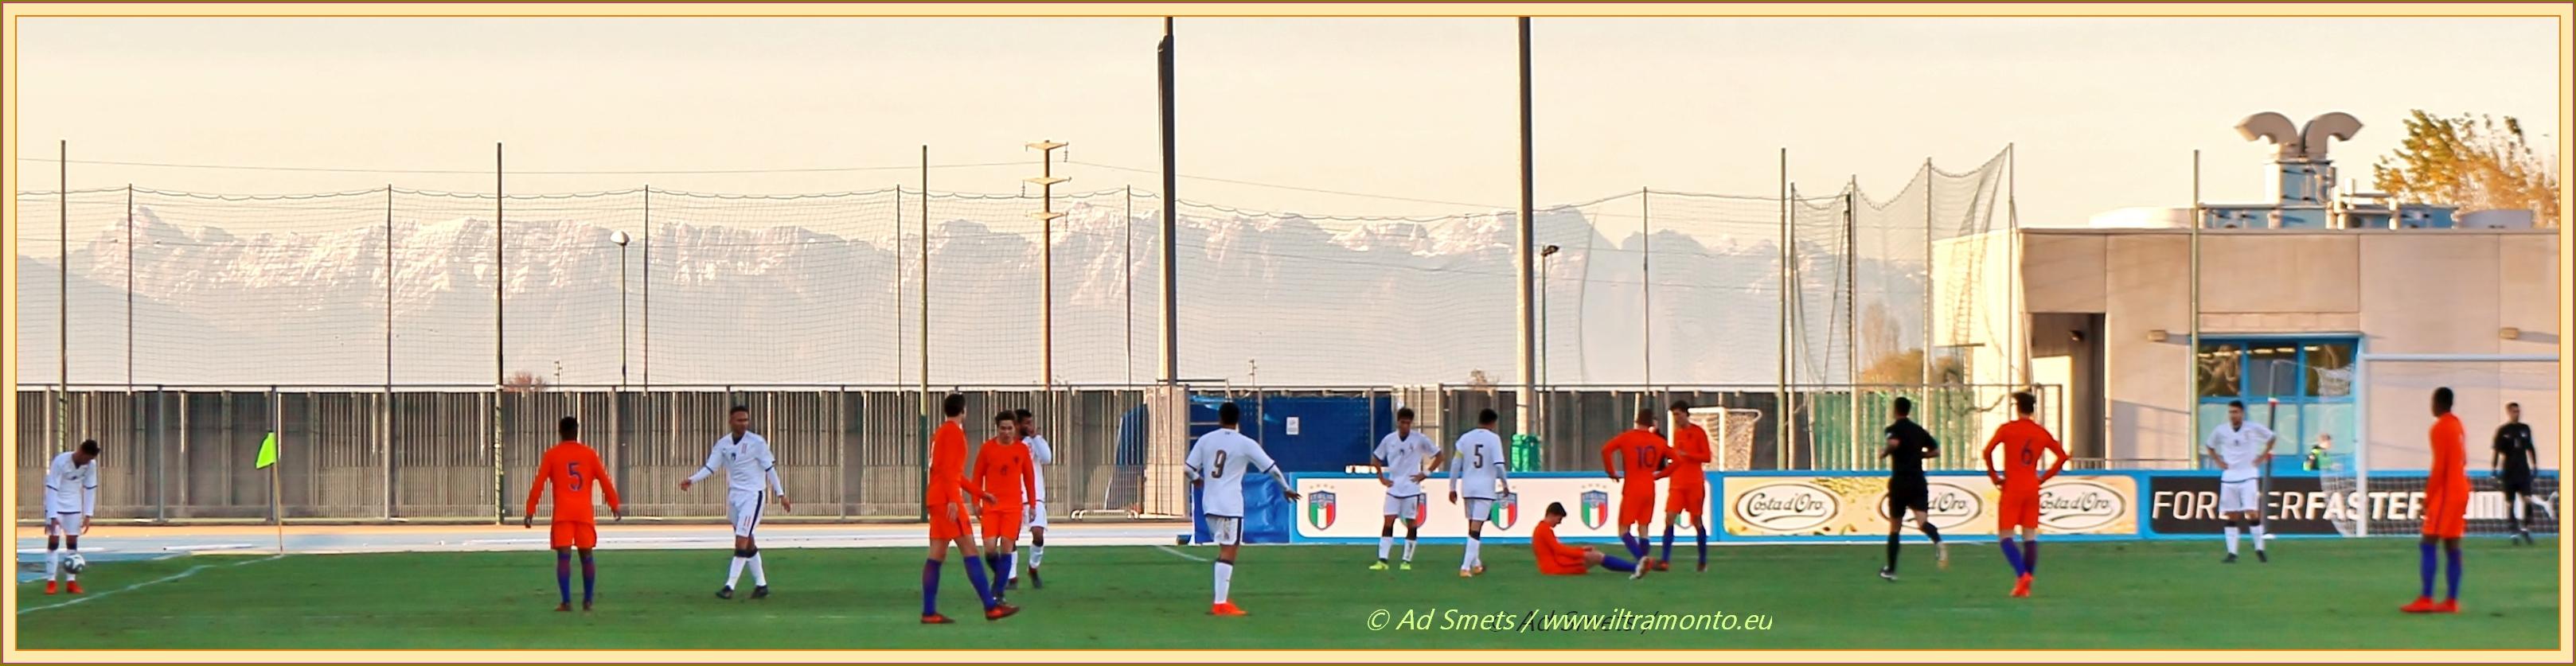 calcio-lignano_1543_il-tramonto